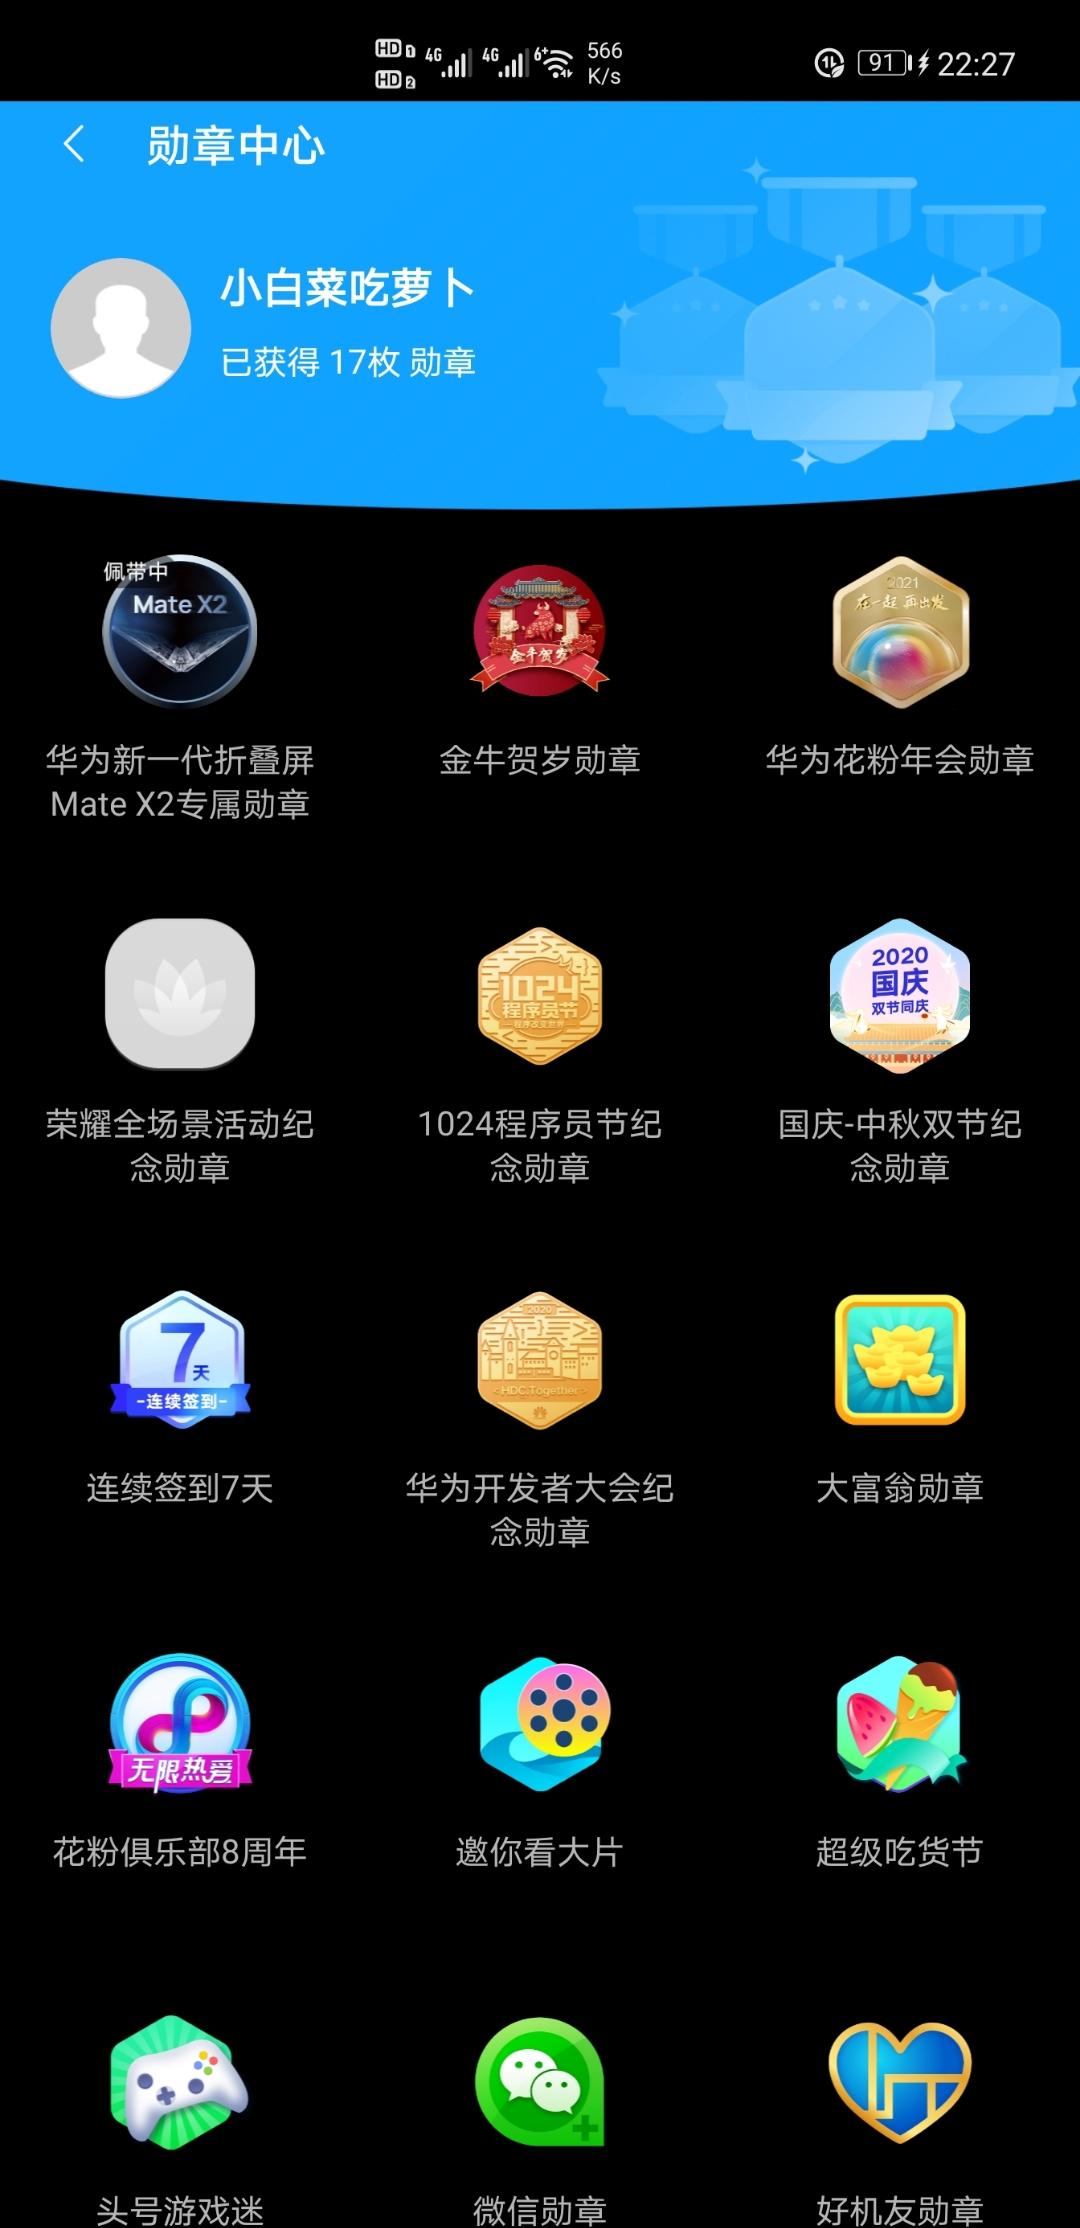 Screenshot_20210302_222706_com.huawei.fans.jpg